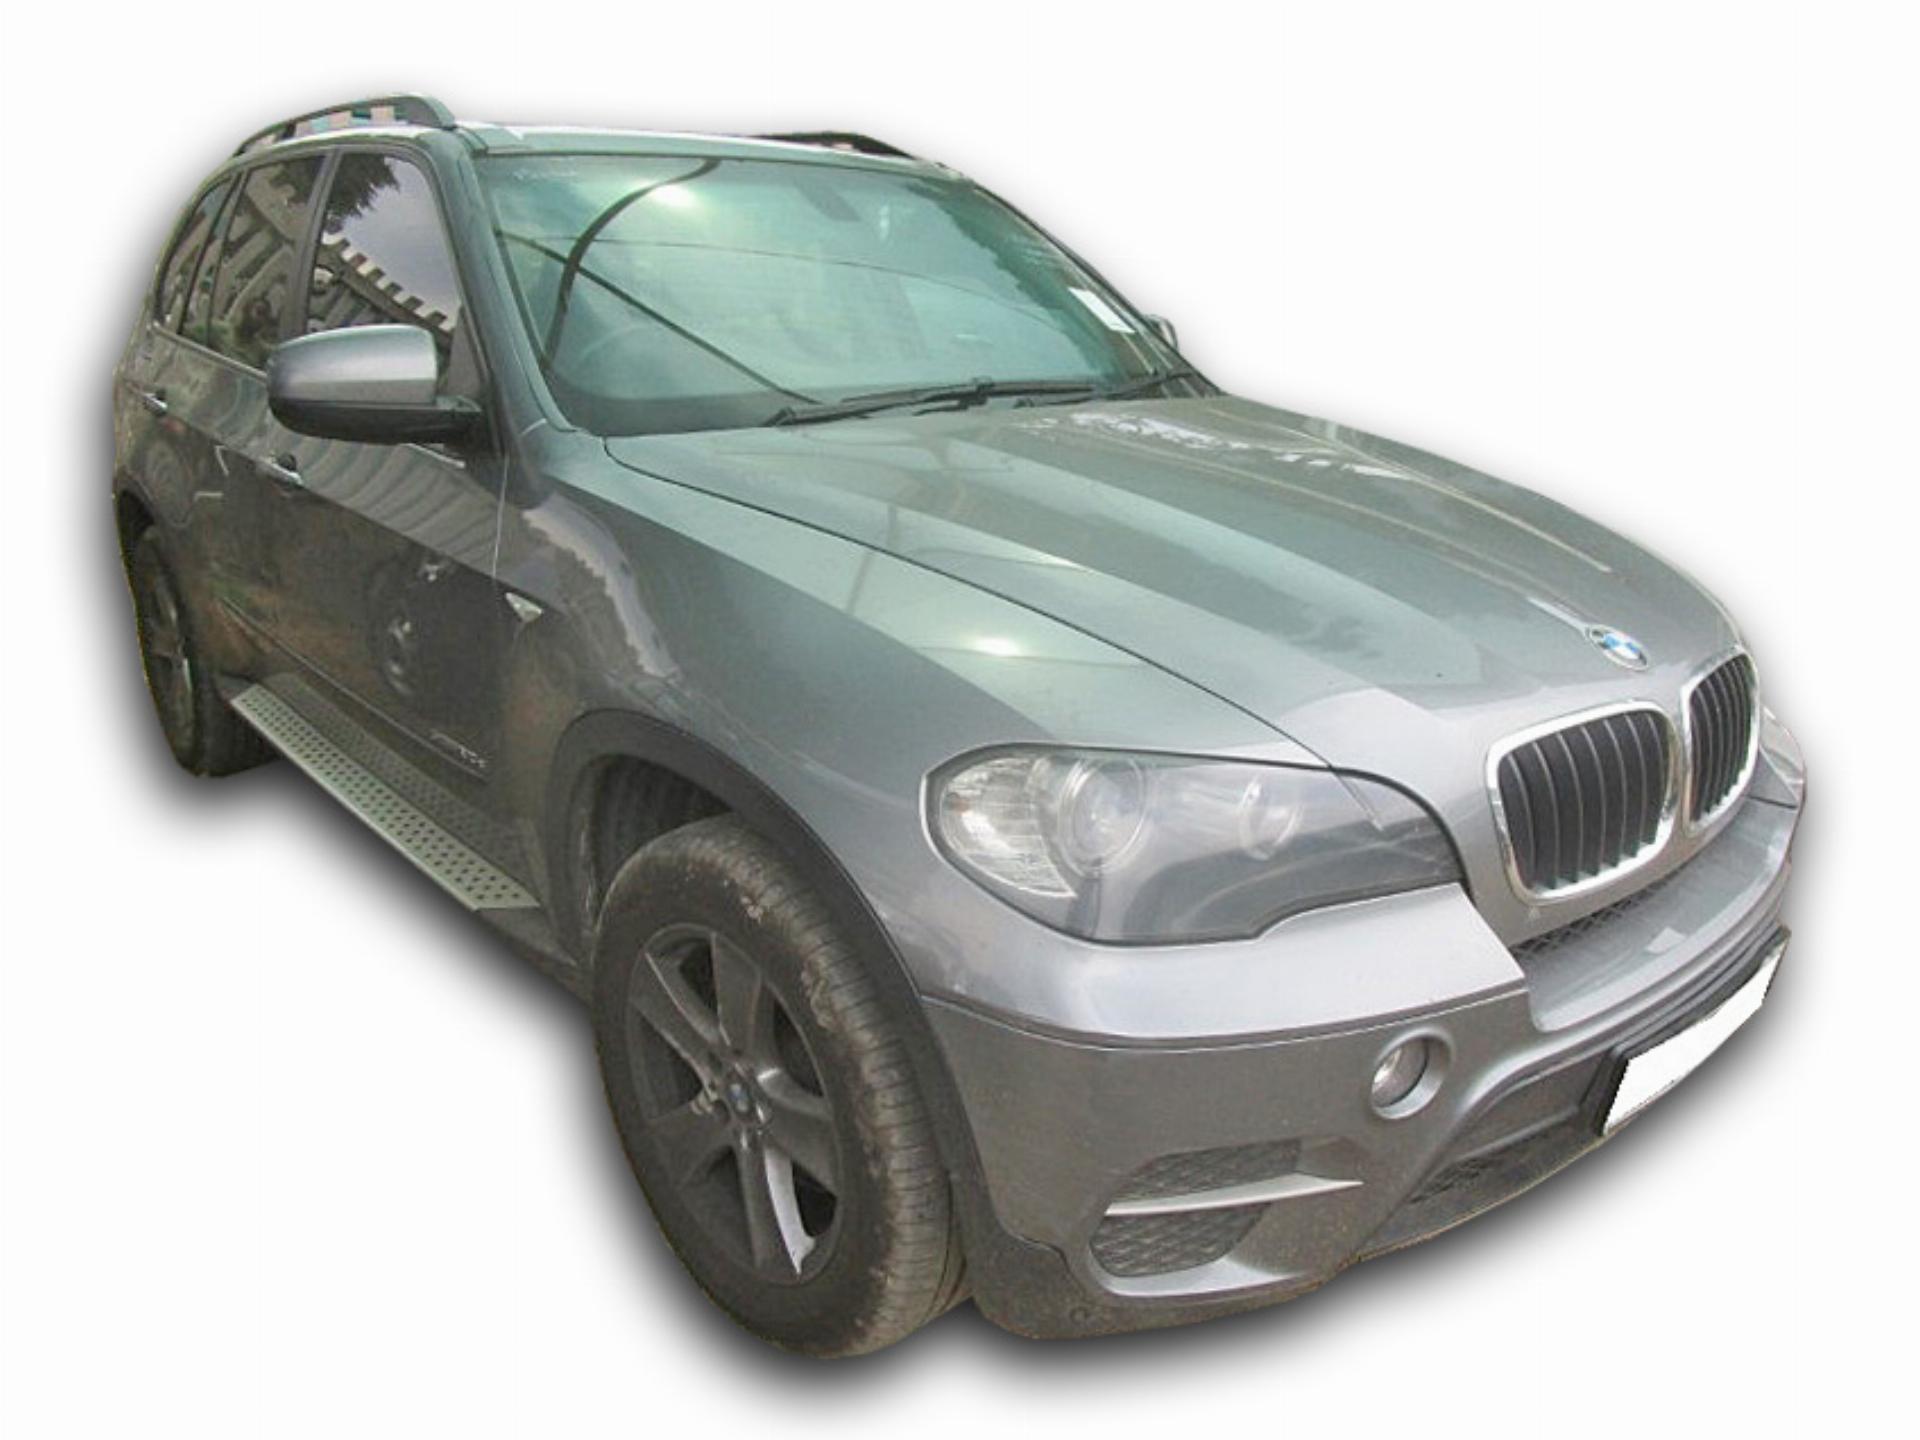 BMW X5 Xdrive 30D A/T